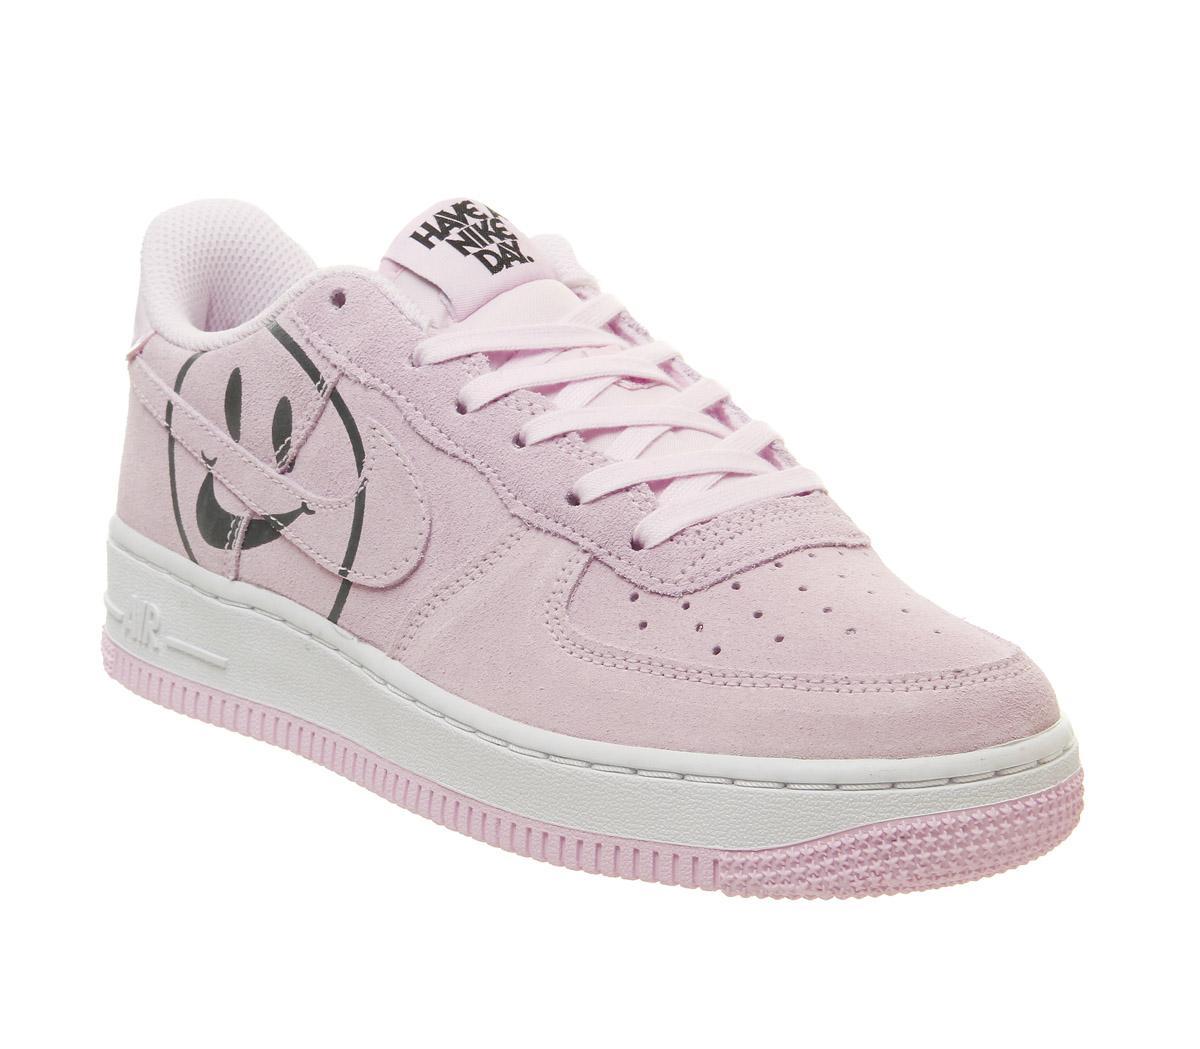 nike air force 1 schwarz pink